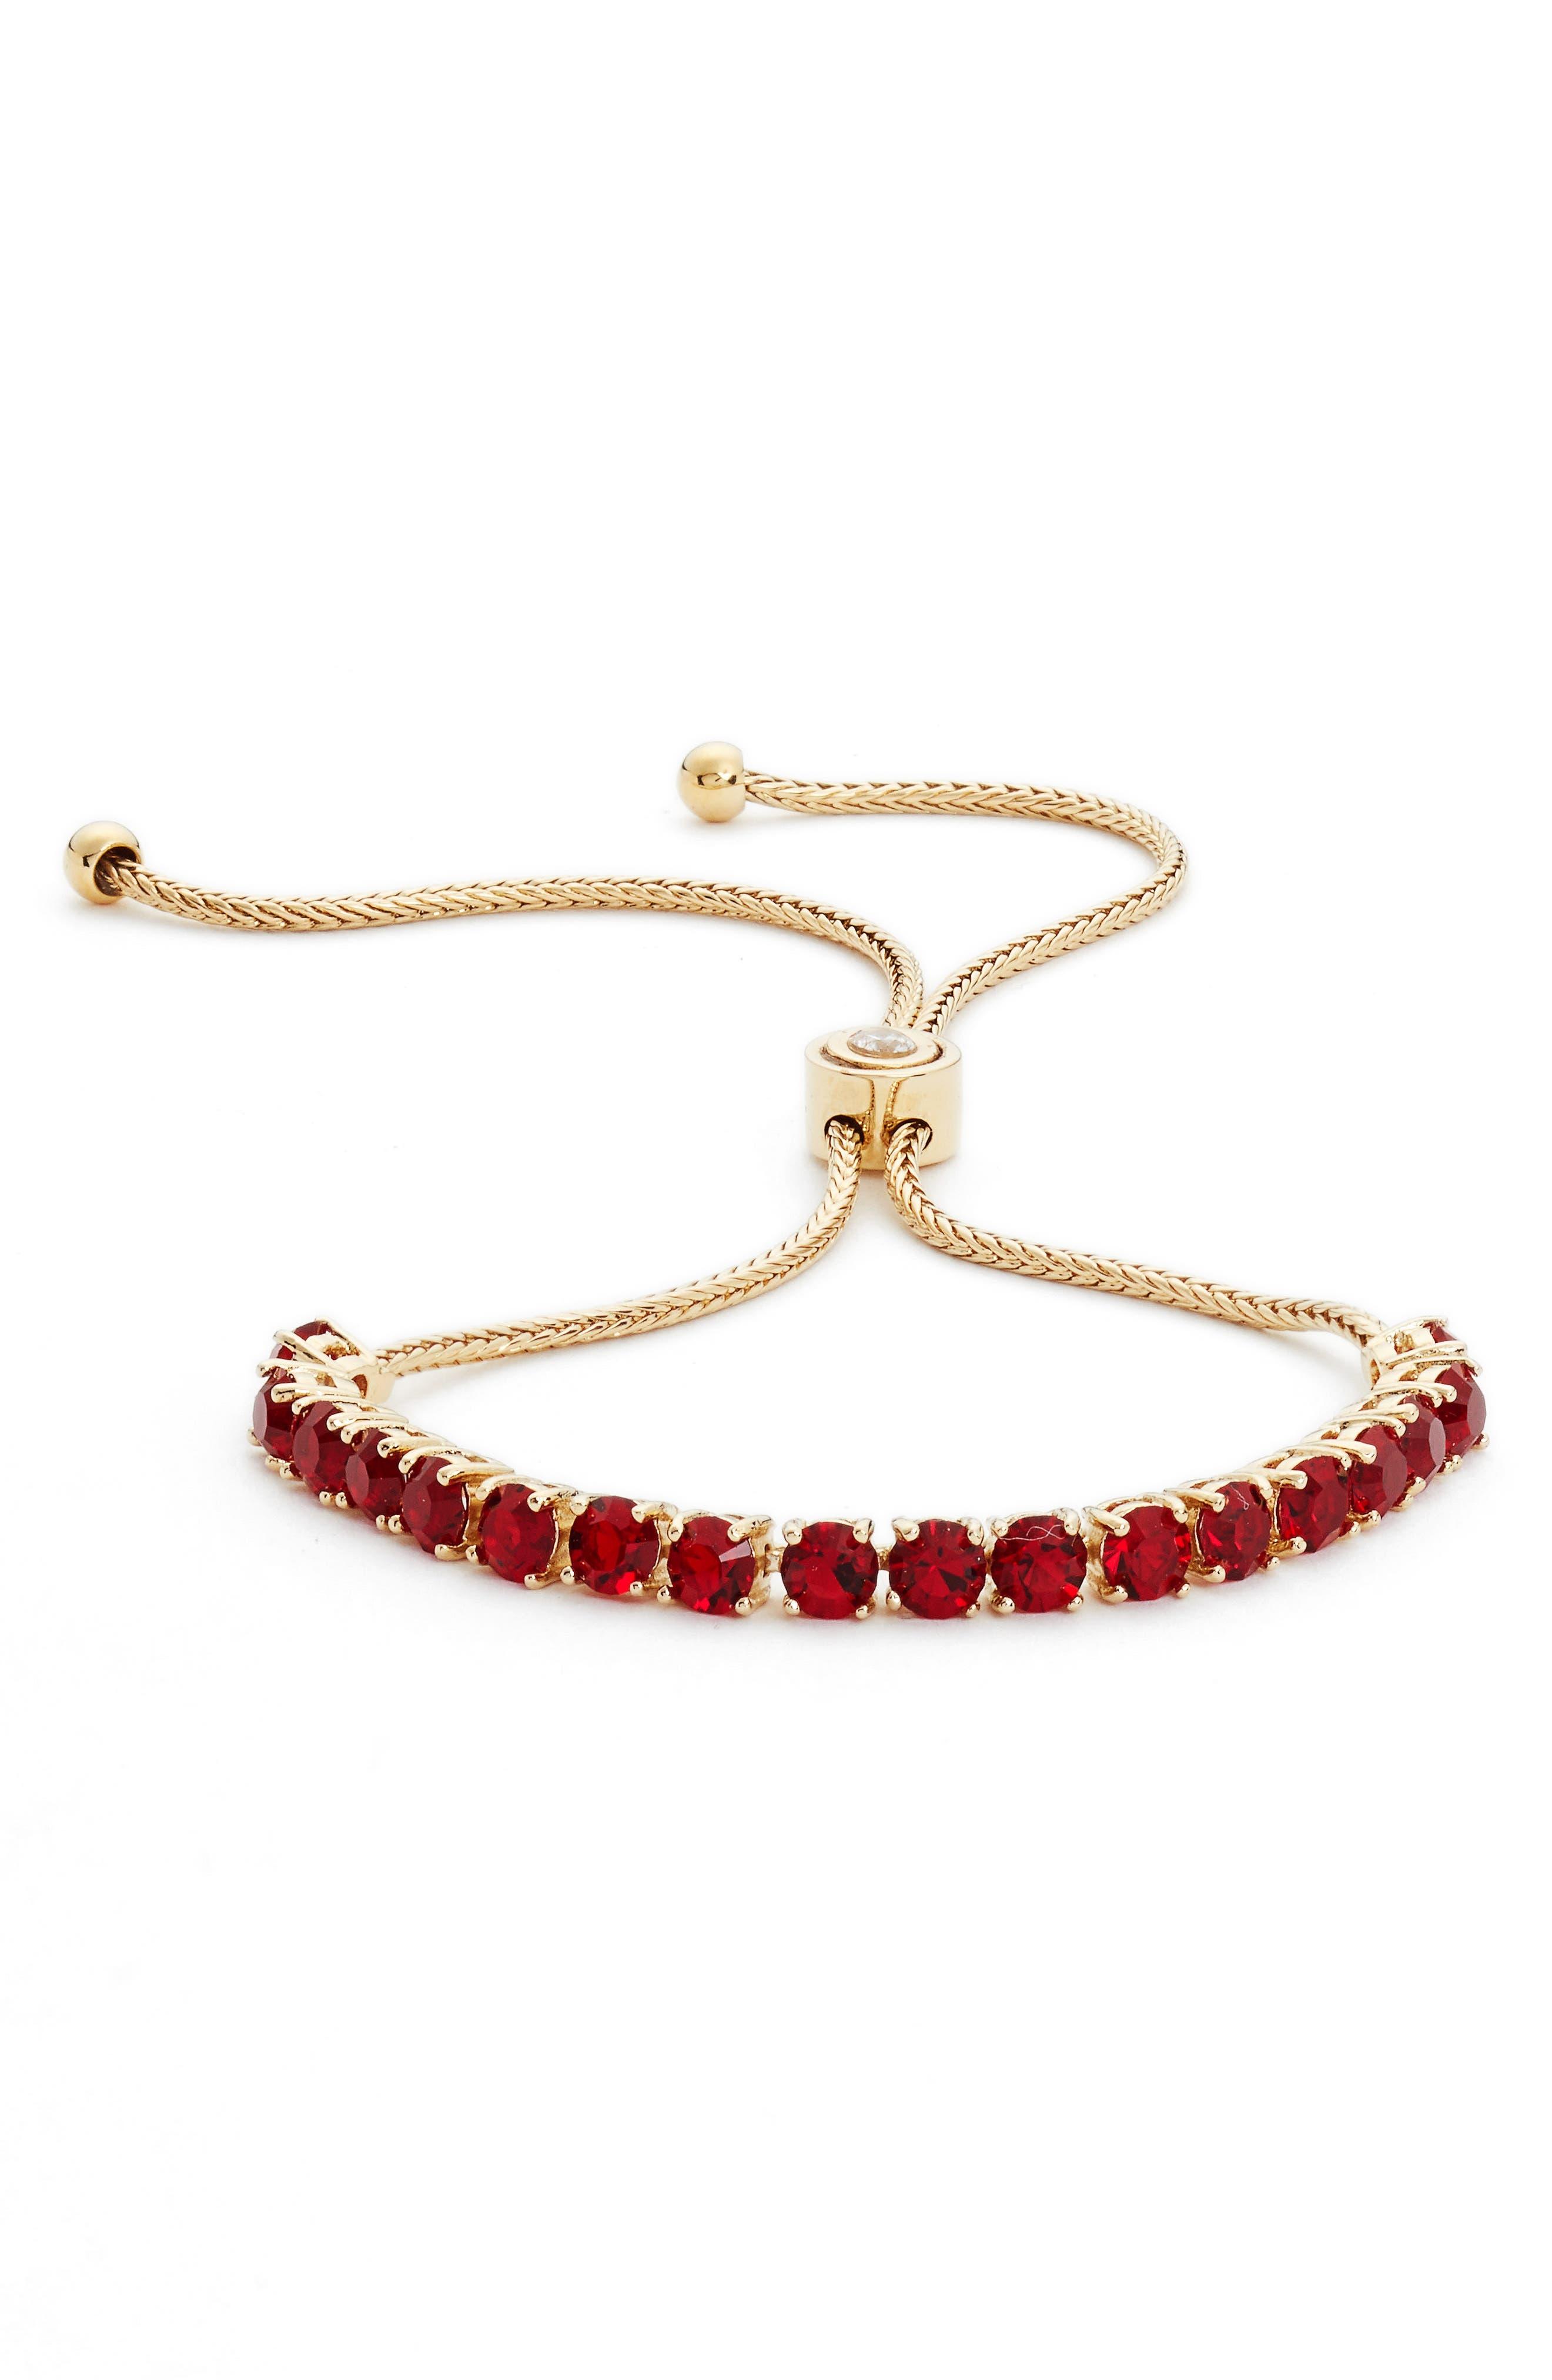 Adjustable Crystal Bracelet,                         Main,                         color, Red/ Gold